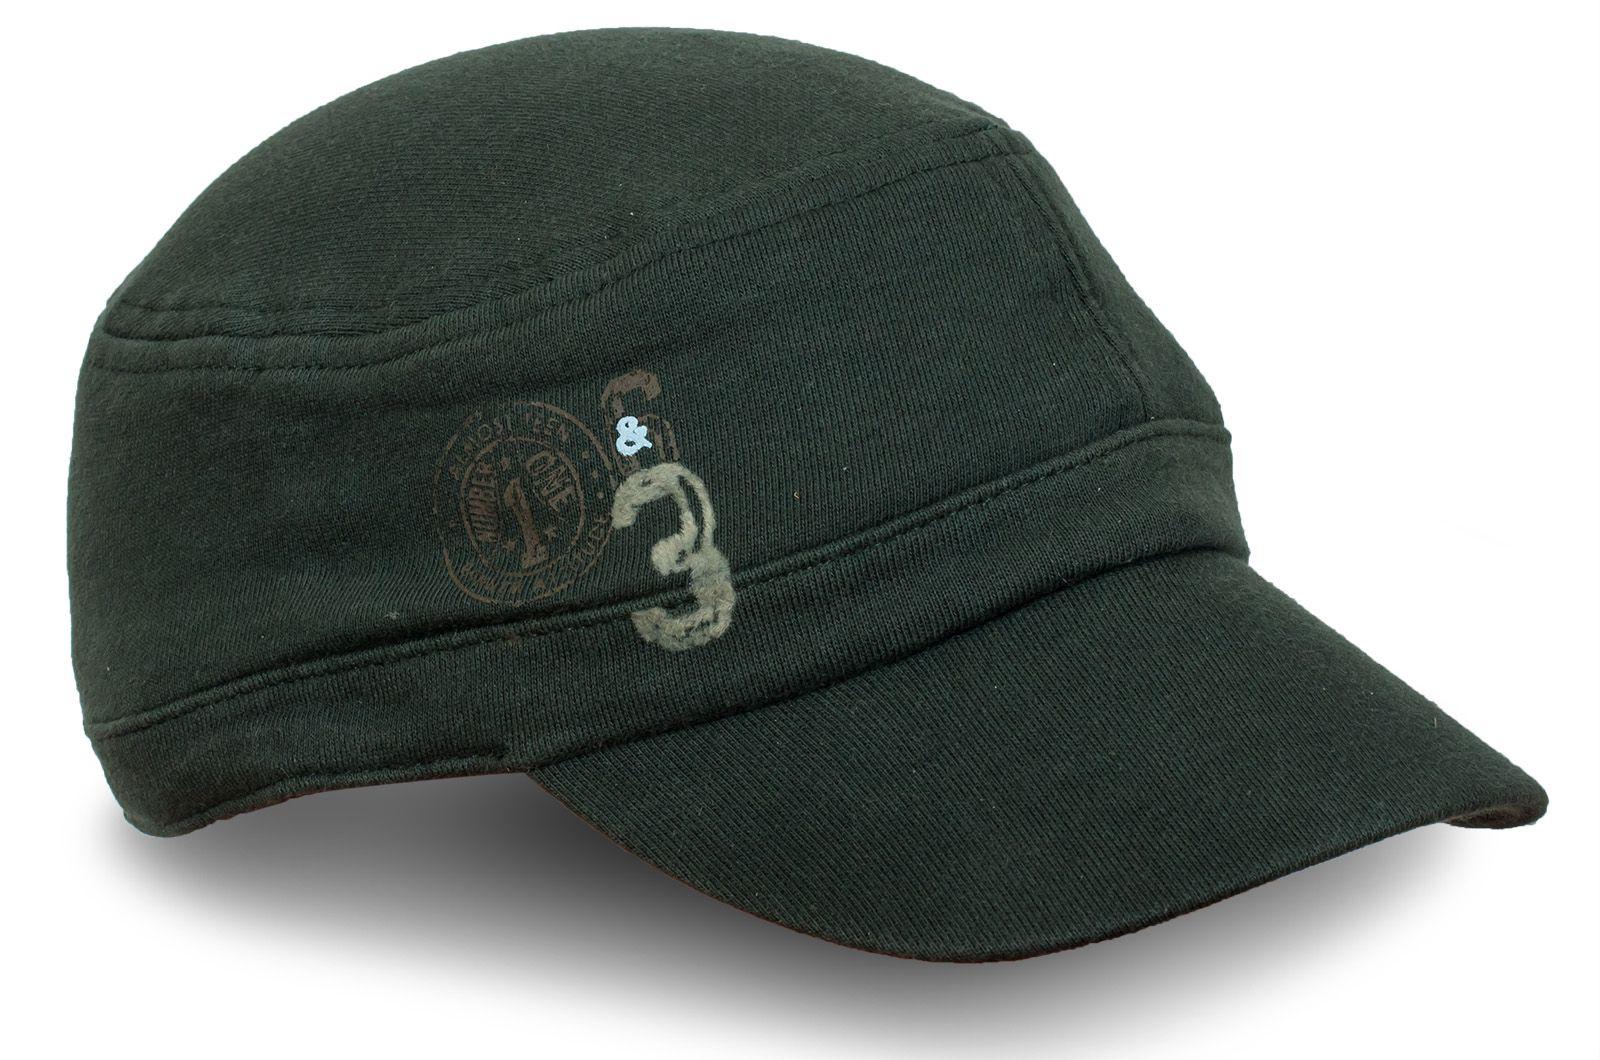 Трикотажная кепка тёмно-зелёная - купить по лучшей цене